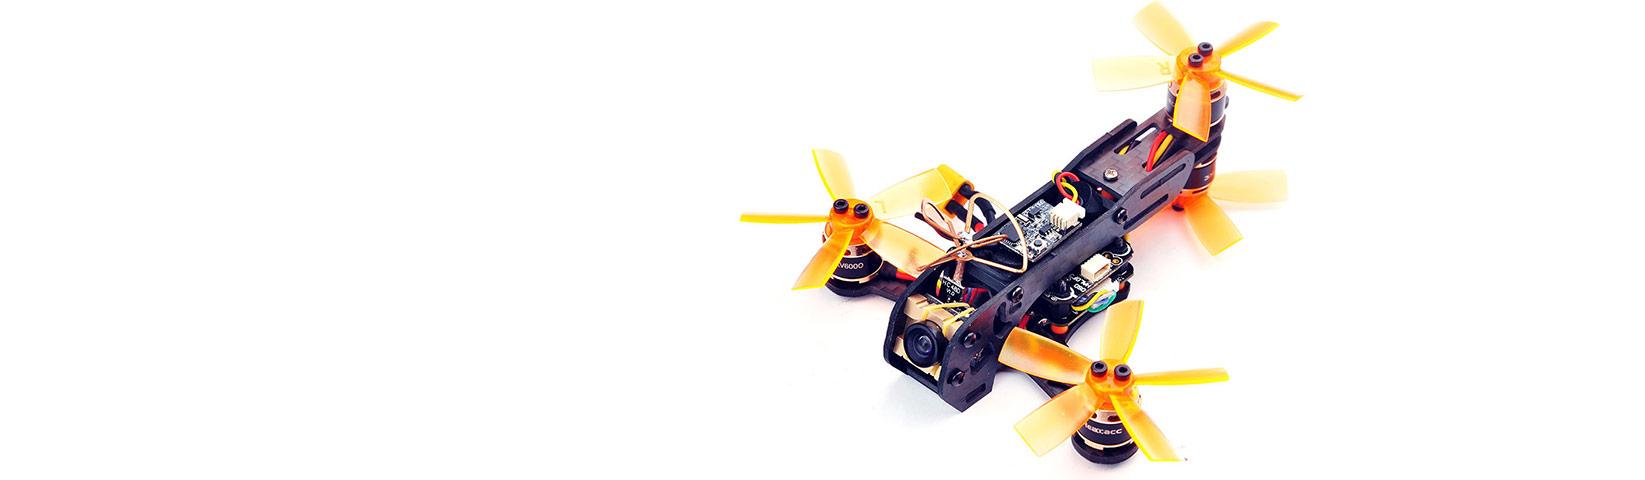 کوادکوپتر Y4 copter